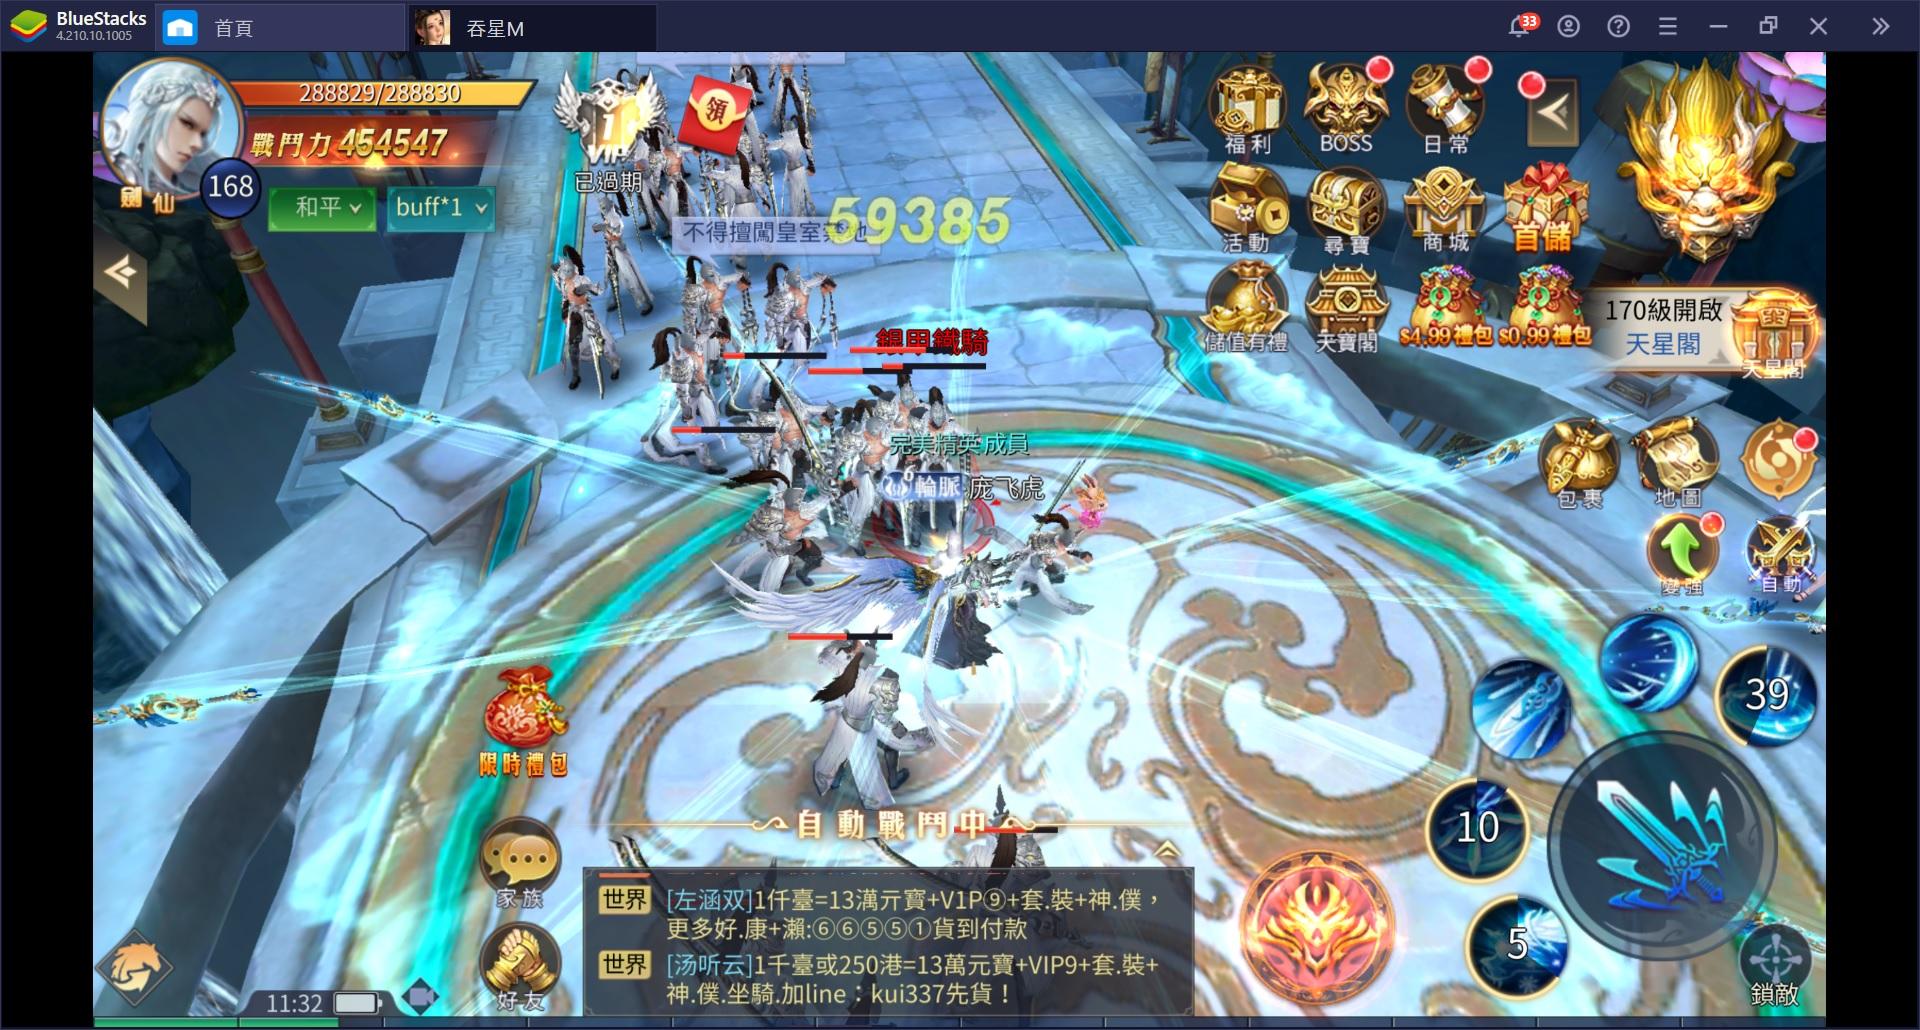 使用BlueStacks在PC上遊玩痛快爽戰MMO《吞星M》